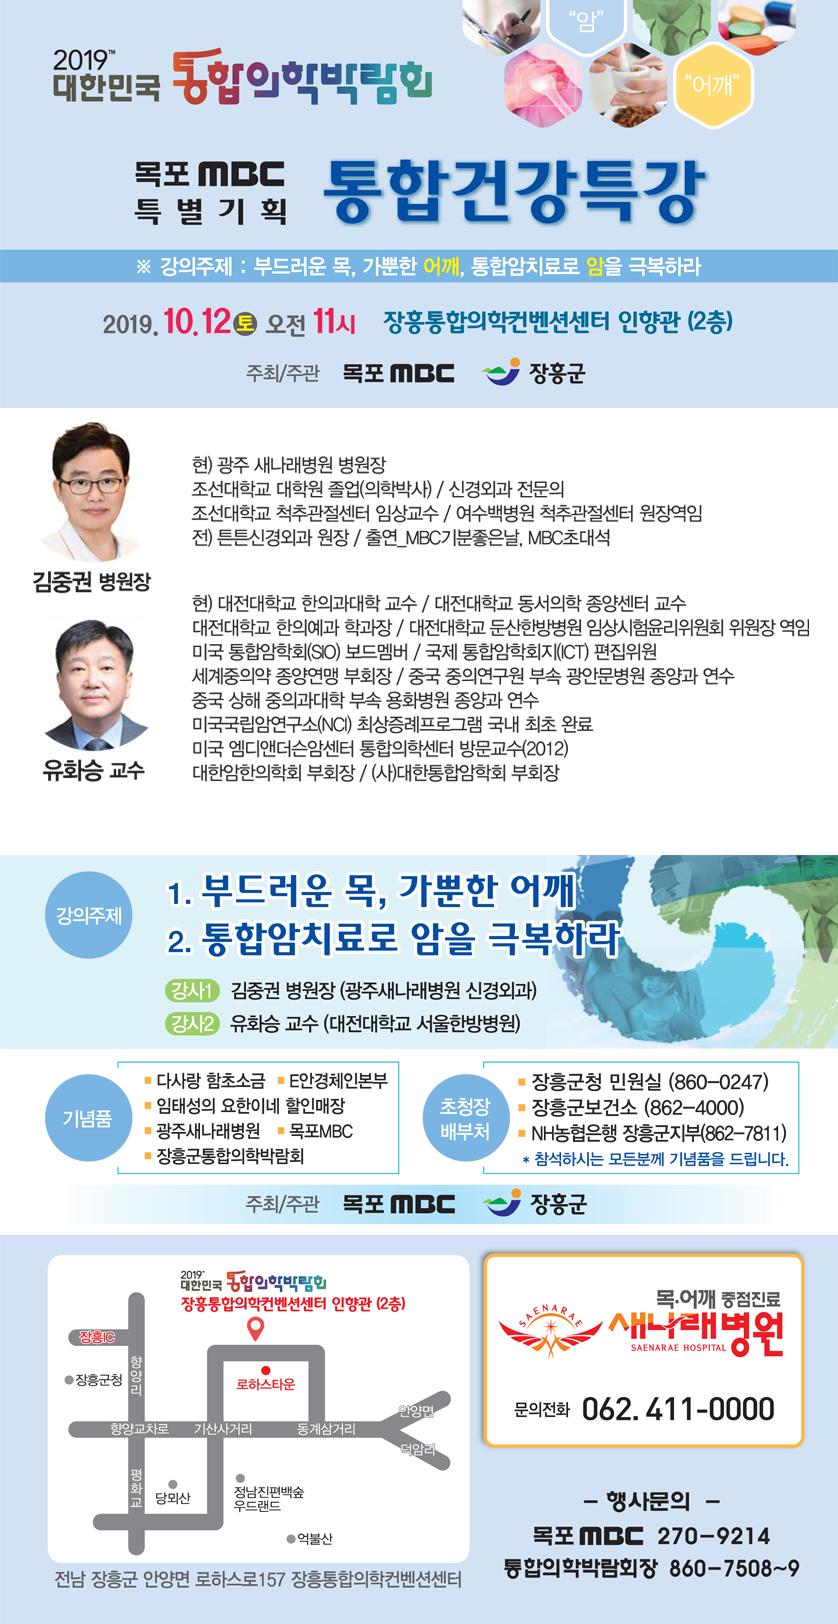 목포MBC특별기획 통합 건강 특강 행사정보